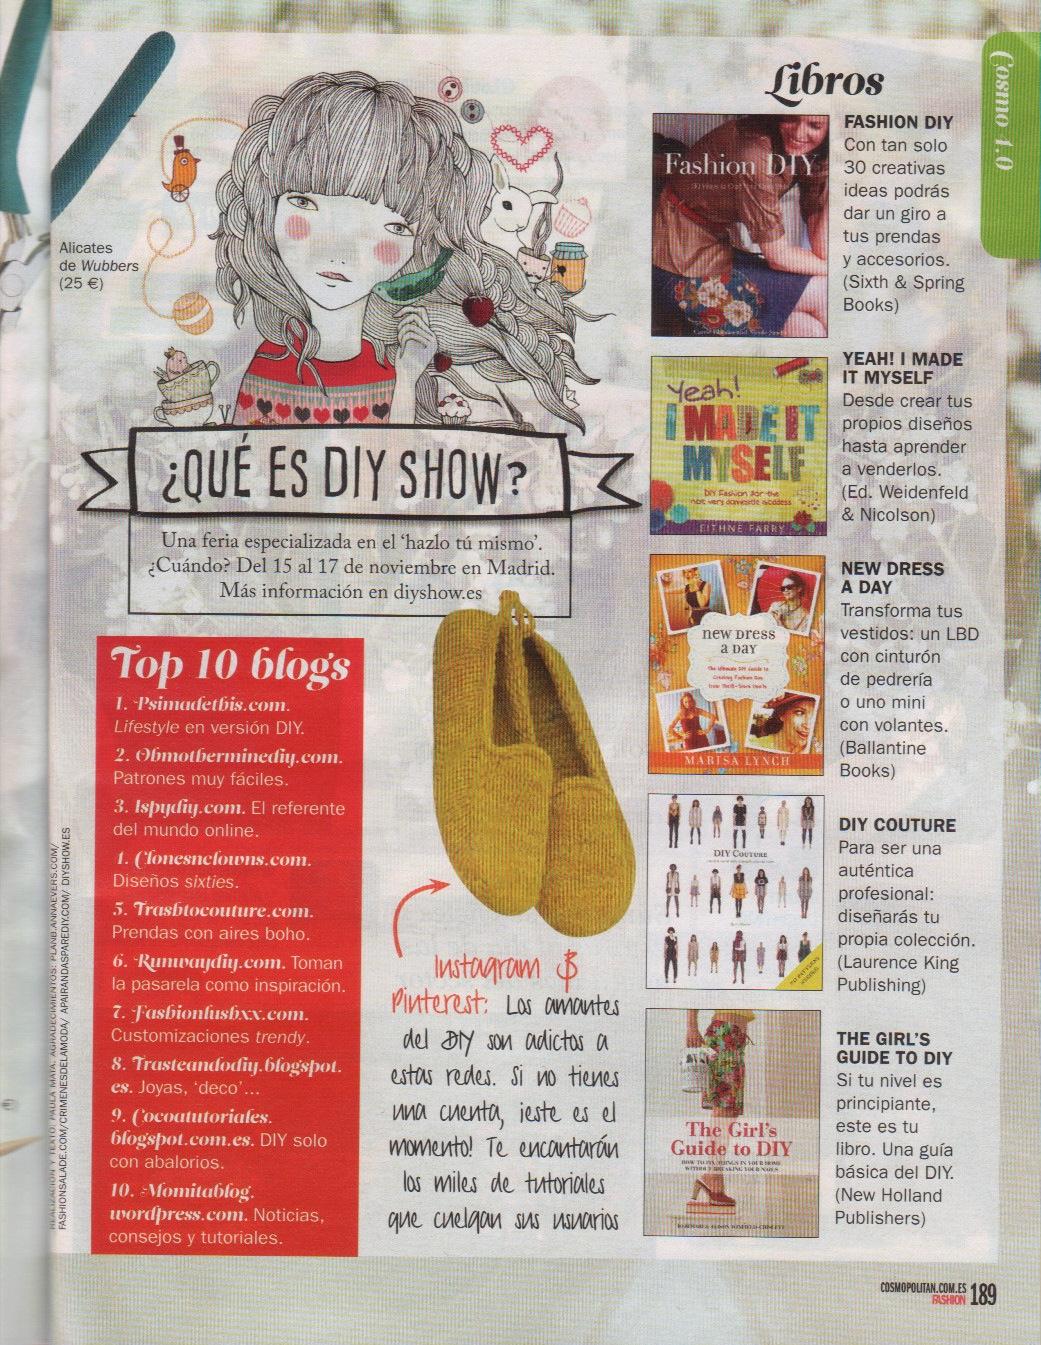 Revista Cosmopolitan sobre moda, lifestyle y belleza (Mayo)